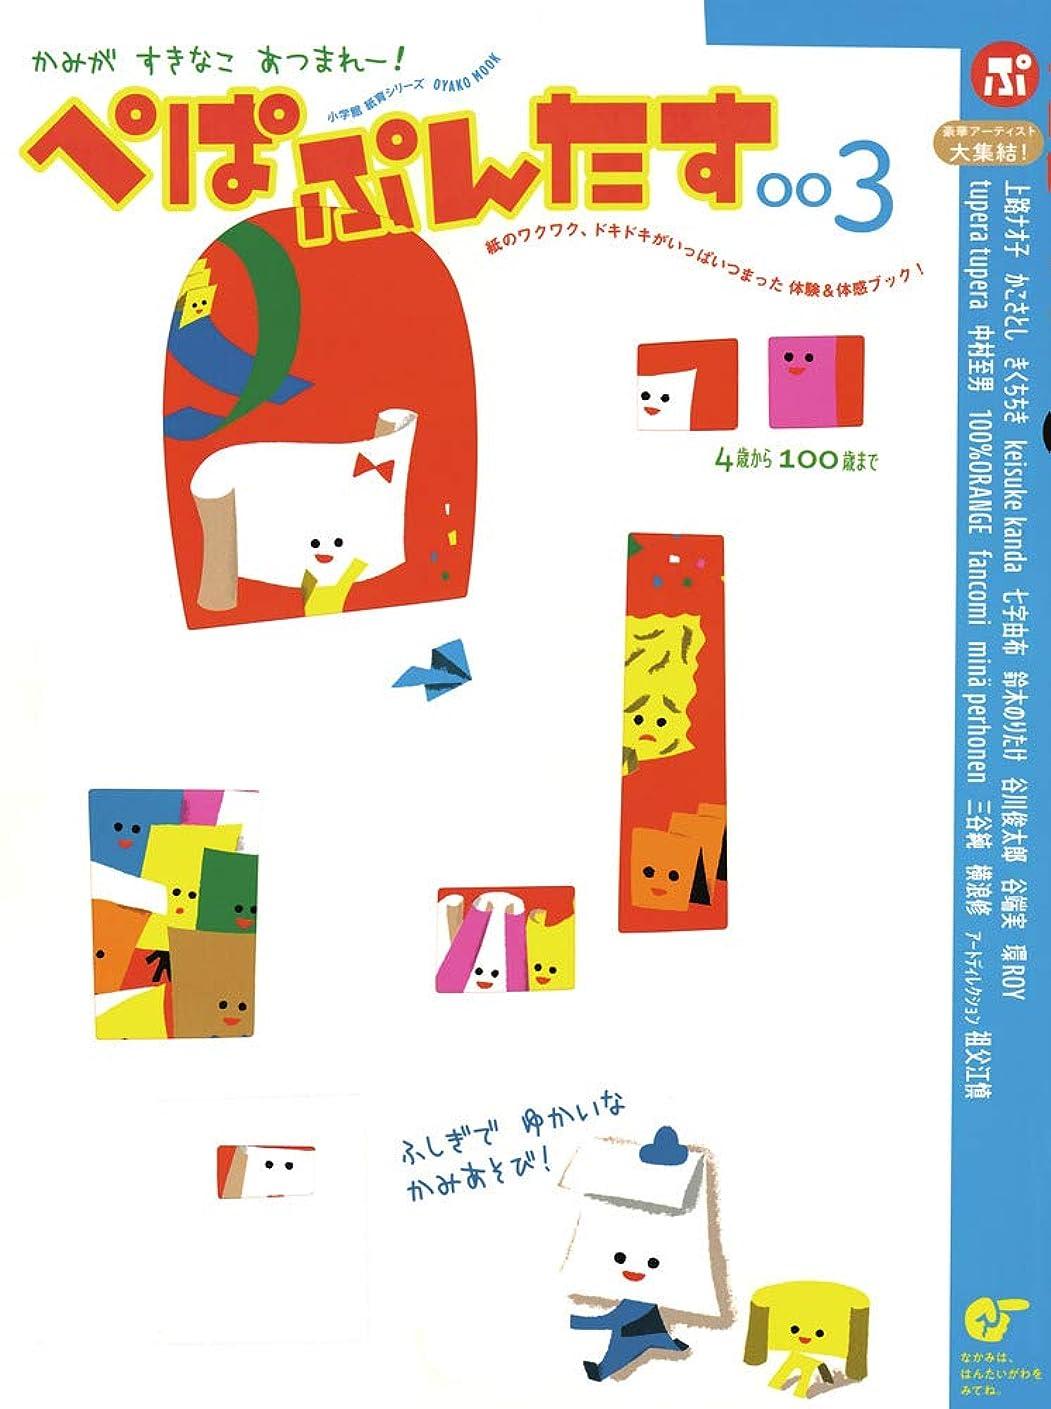 ダンプカヌーインフルエンザぺぱぷんたす (003) (Oyakoムック 小学館紙育シリーズ)